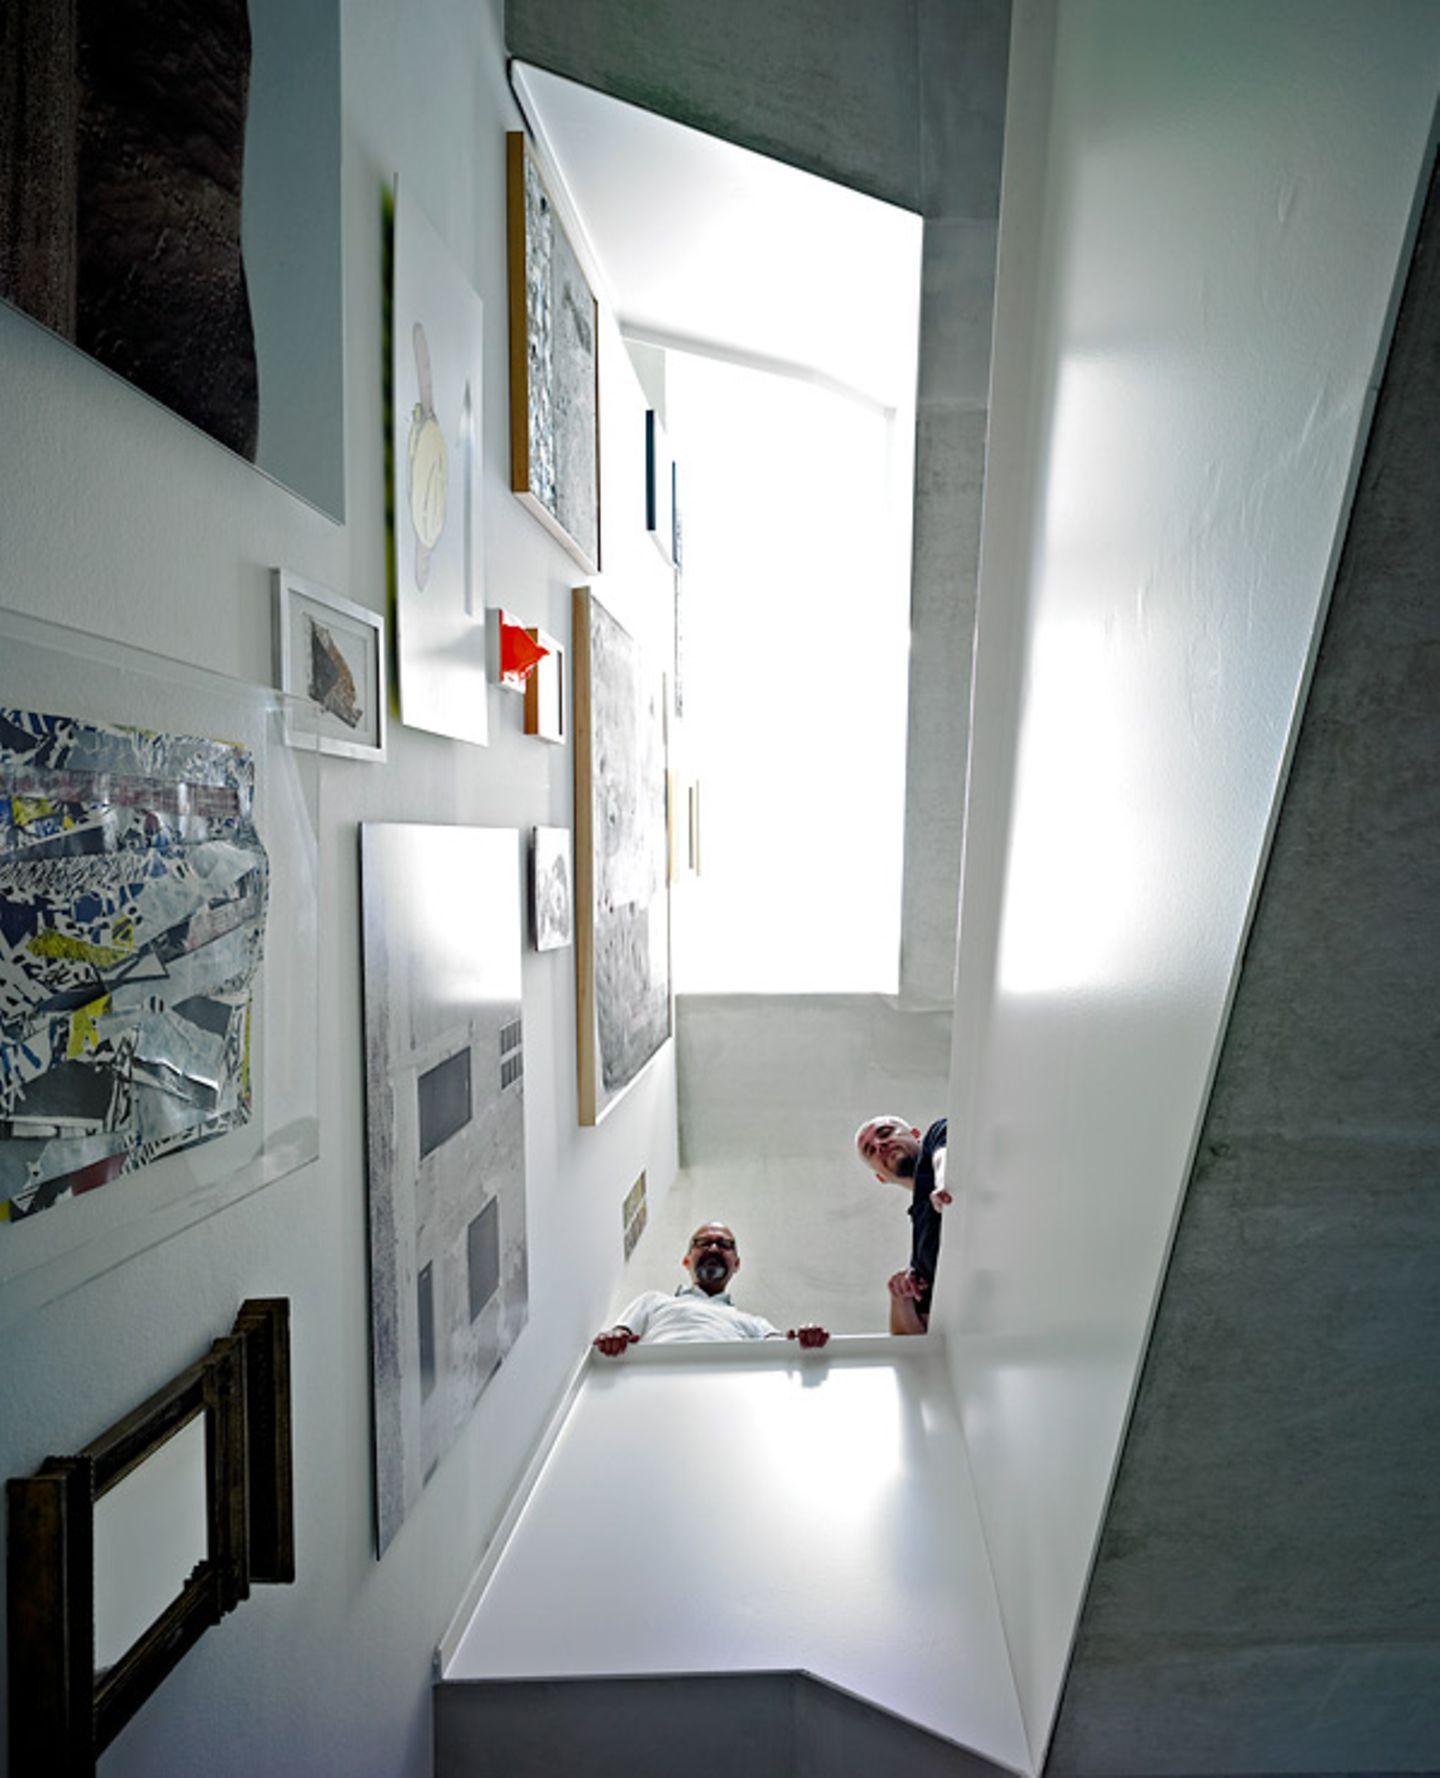 Kunstausstellung im Treppenhaus